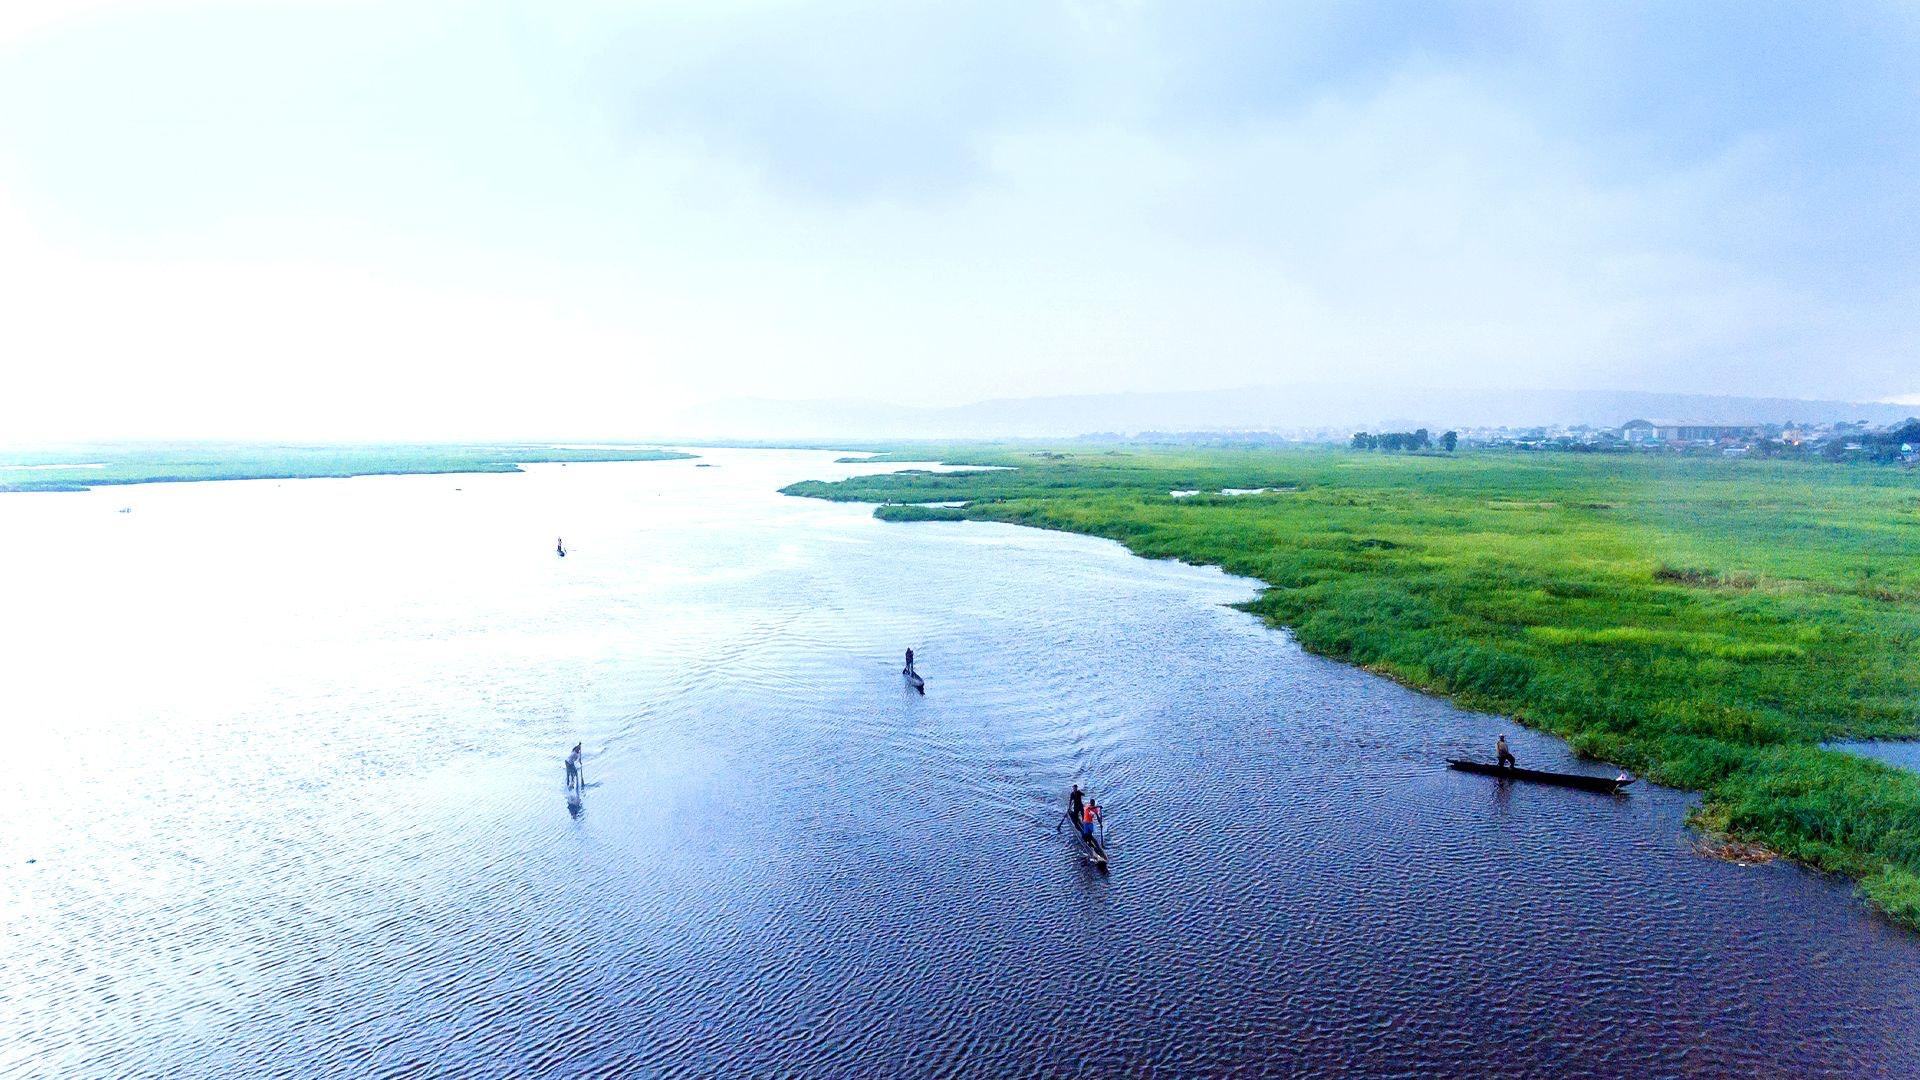 Averda-Congo-Brazzaville-Photo-by-Cyril-Eberle-DJI_0005-Edit